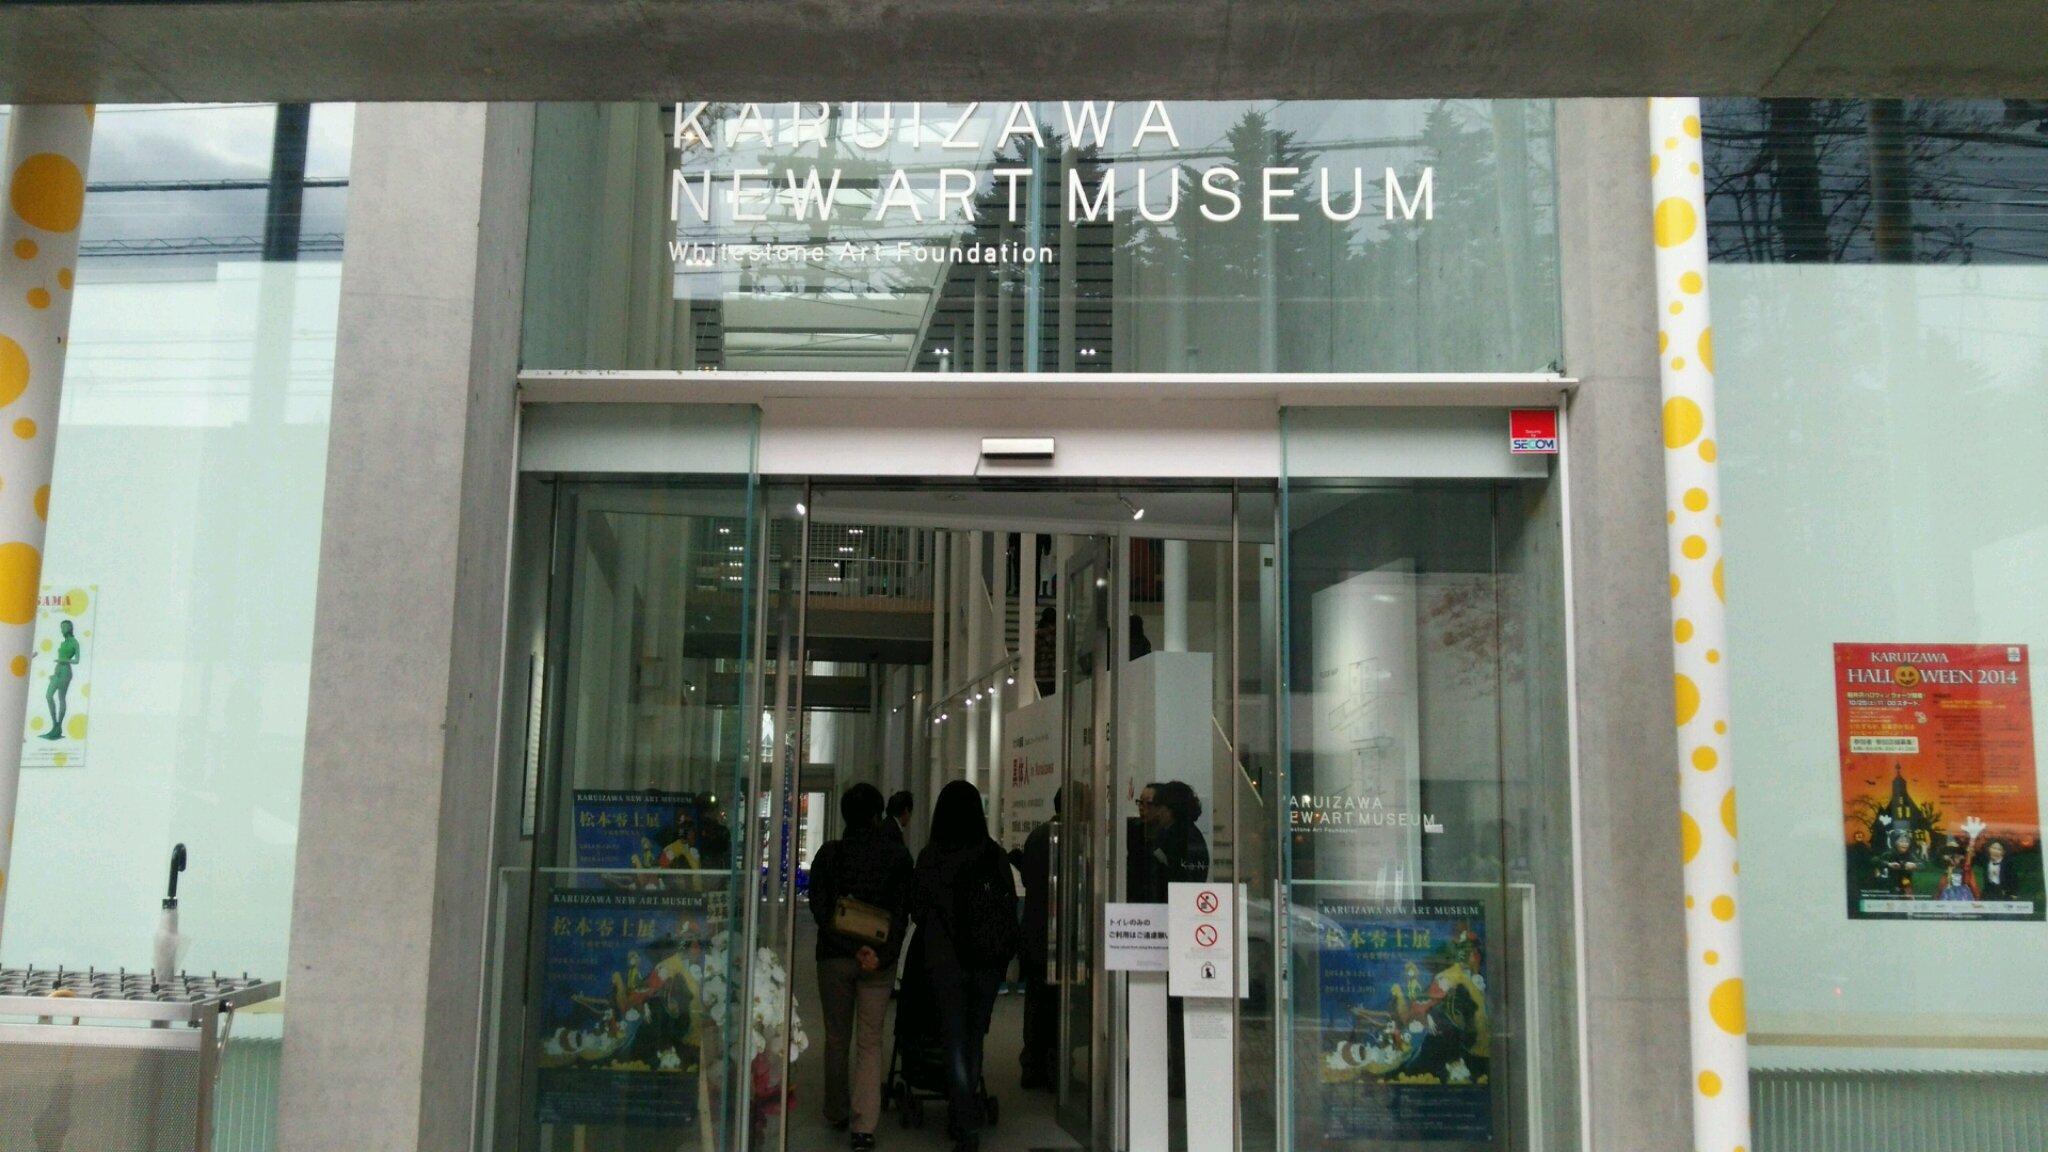 軽井沢ニューアートミュージアムに行きました。_e0119092_1115076.jpg